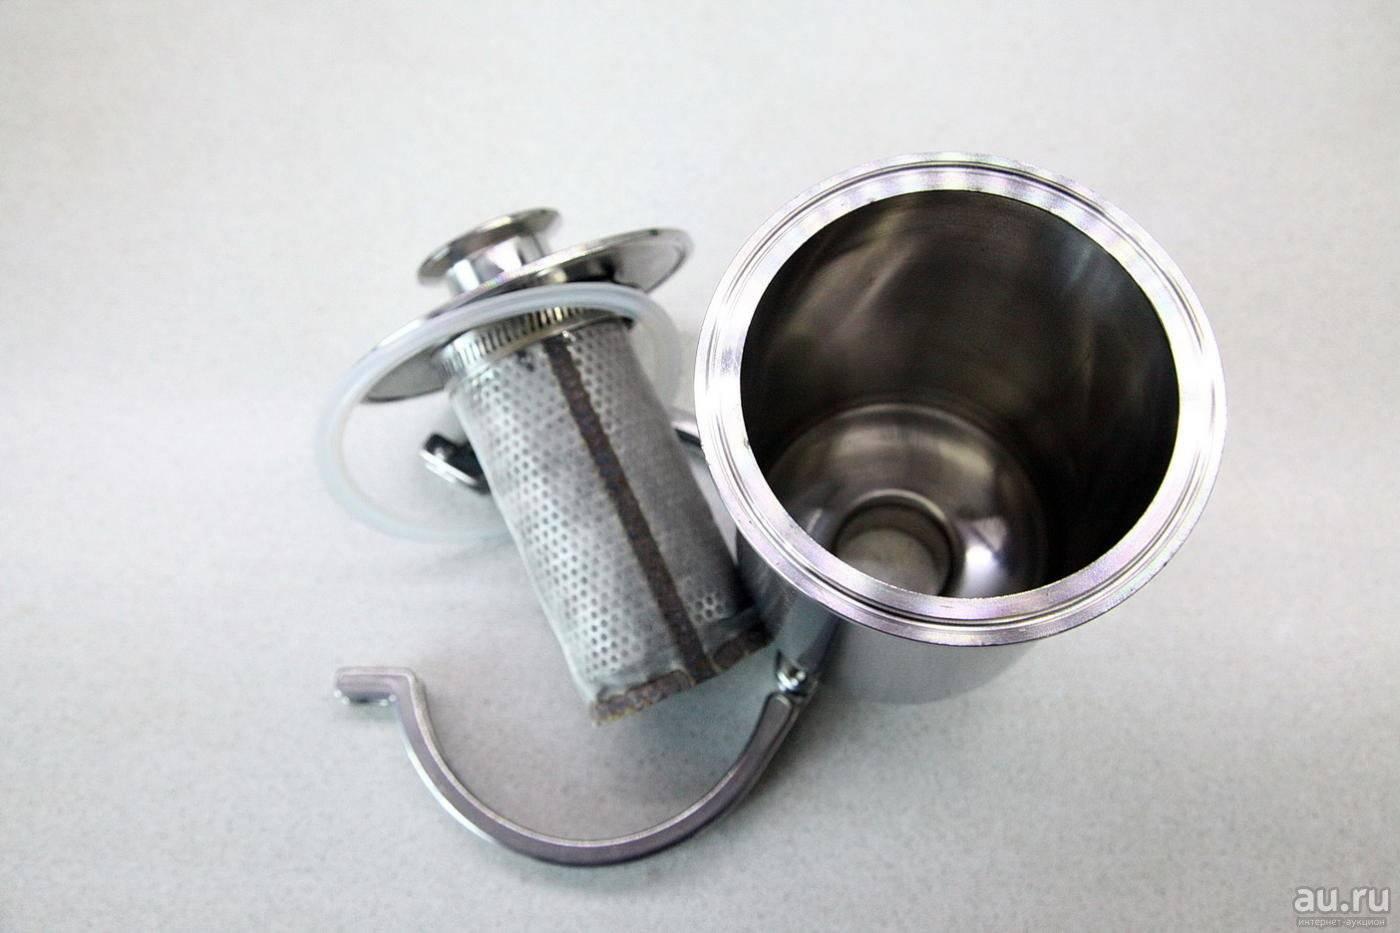 Как пользоваться соковаркой: старого образца, пошаговая инструкция, как работает, устройство, применение для получения яблочного сока, самогона